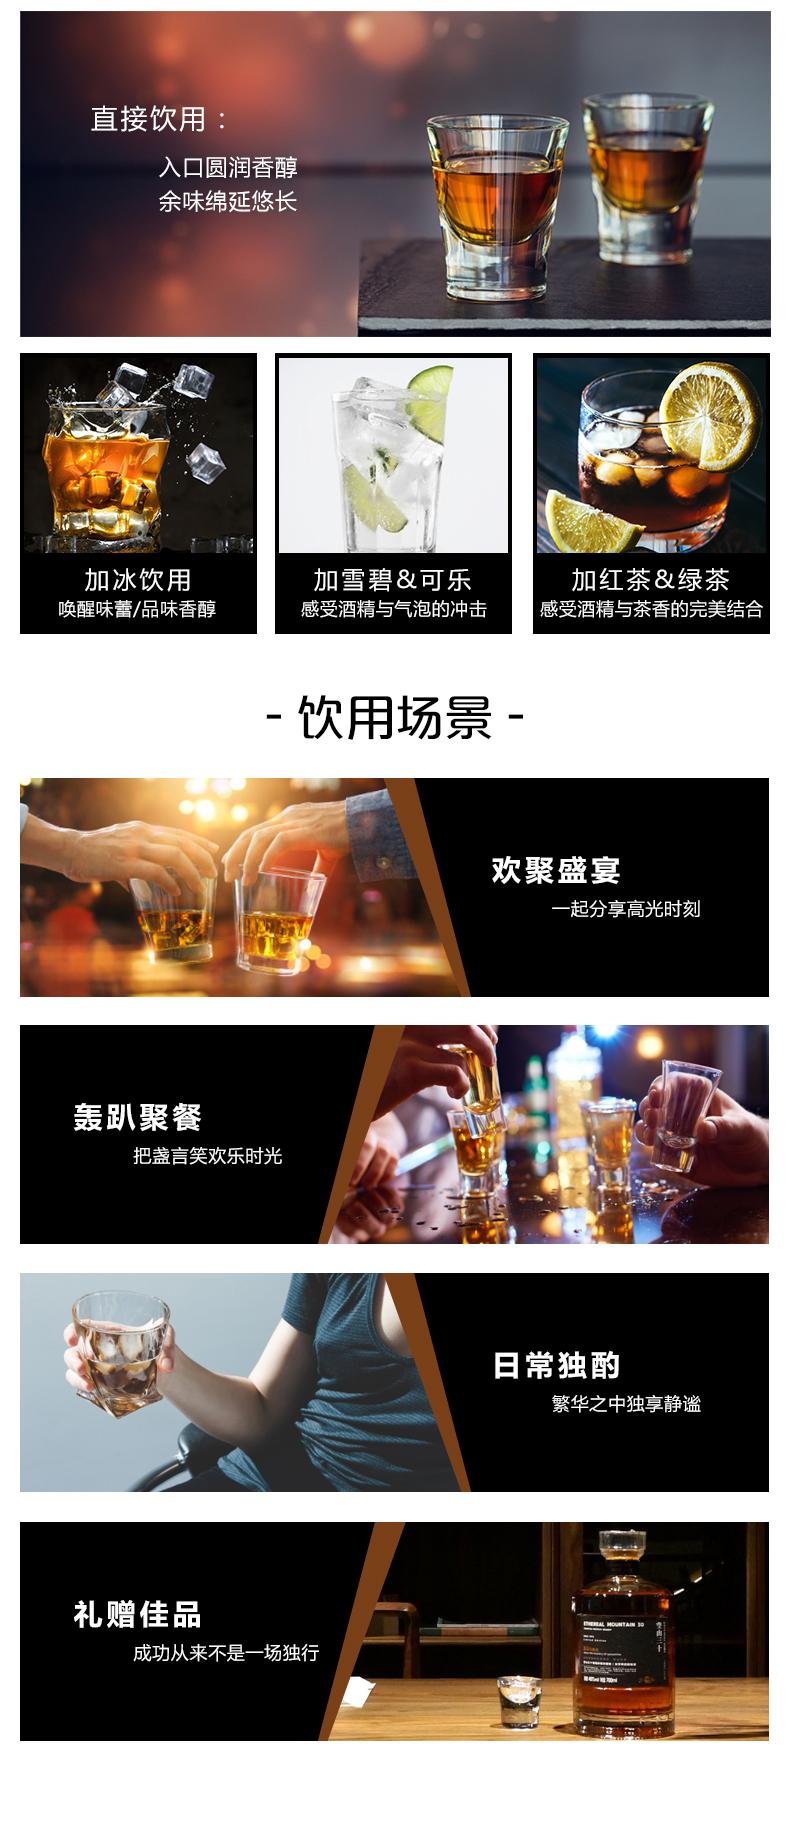 【送礼佳品】空山三十 青岛珍藏白兰地 700ml 酒精度40%vol 聚会小酌宴席收藏馈赠